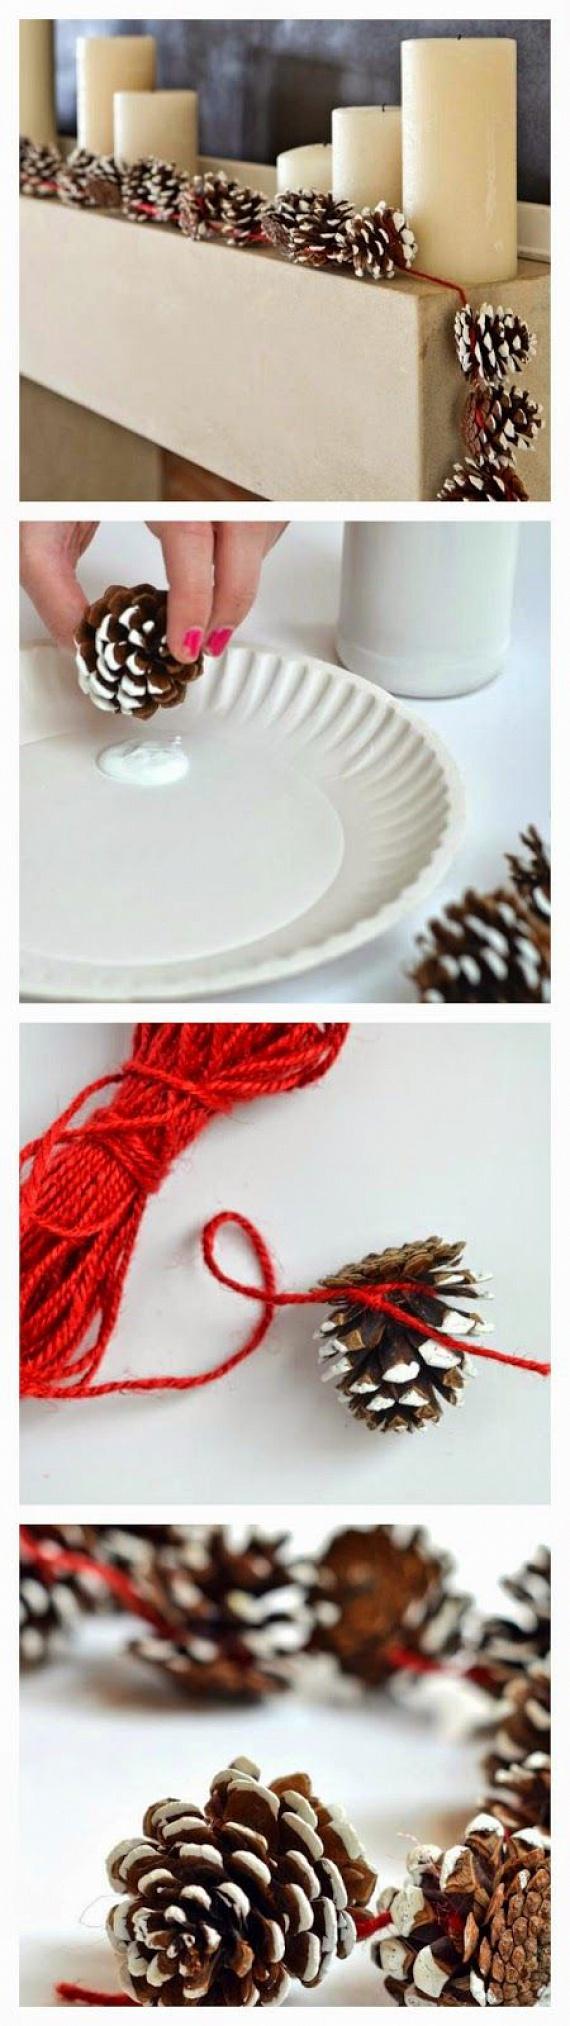 Látványos és kreatív: készíts tobozokból füzért, amelyet a kandalló párkányán vagy a karácsonyfán is könnyedén elhelyezhetsz. Vigyél fel egy kis fehér festéket a tobozok széleire és aljára, majd kösd őket össze egy hosszú, piros szalaggal vagy fonallal, és már díszítheted is vele a lakást.